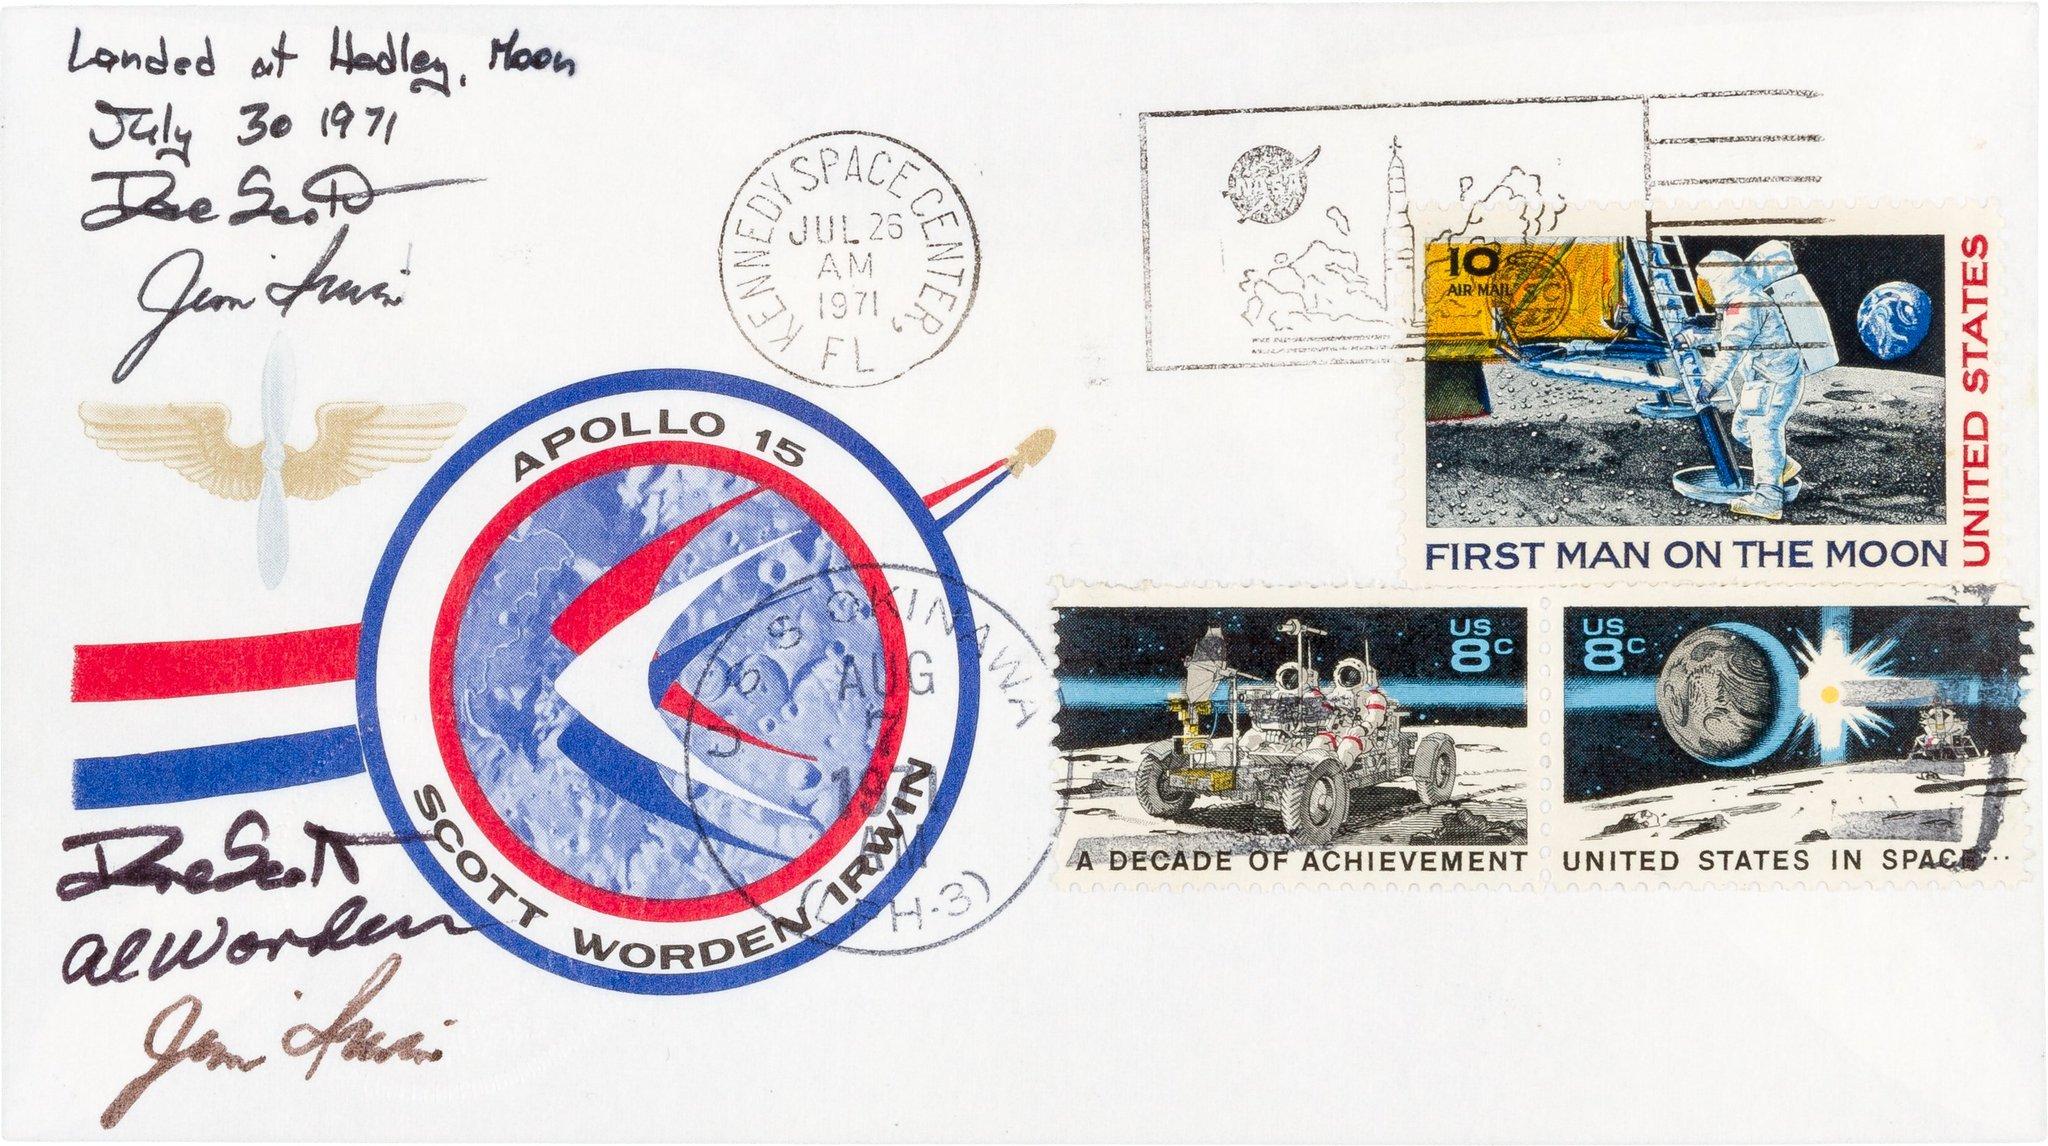 Apollo 15 postal covers incident - Wikipedia